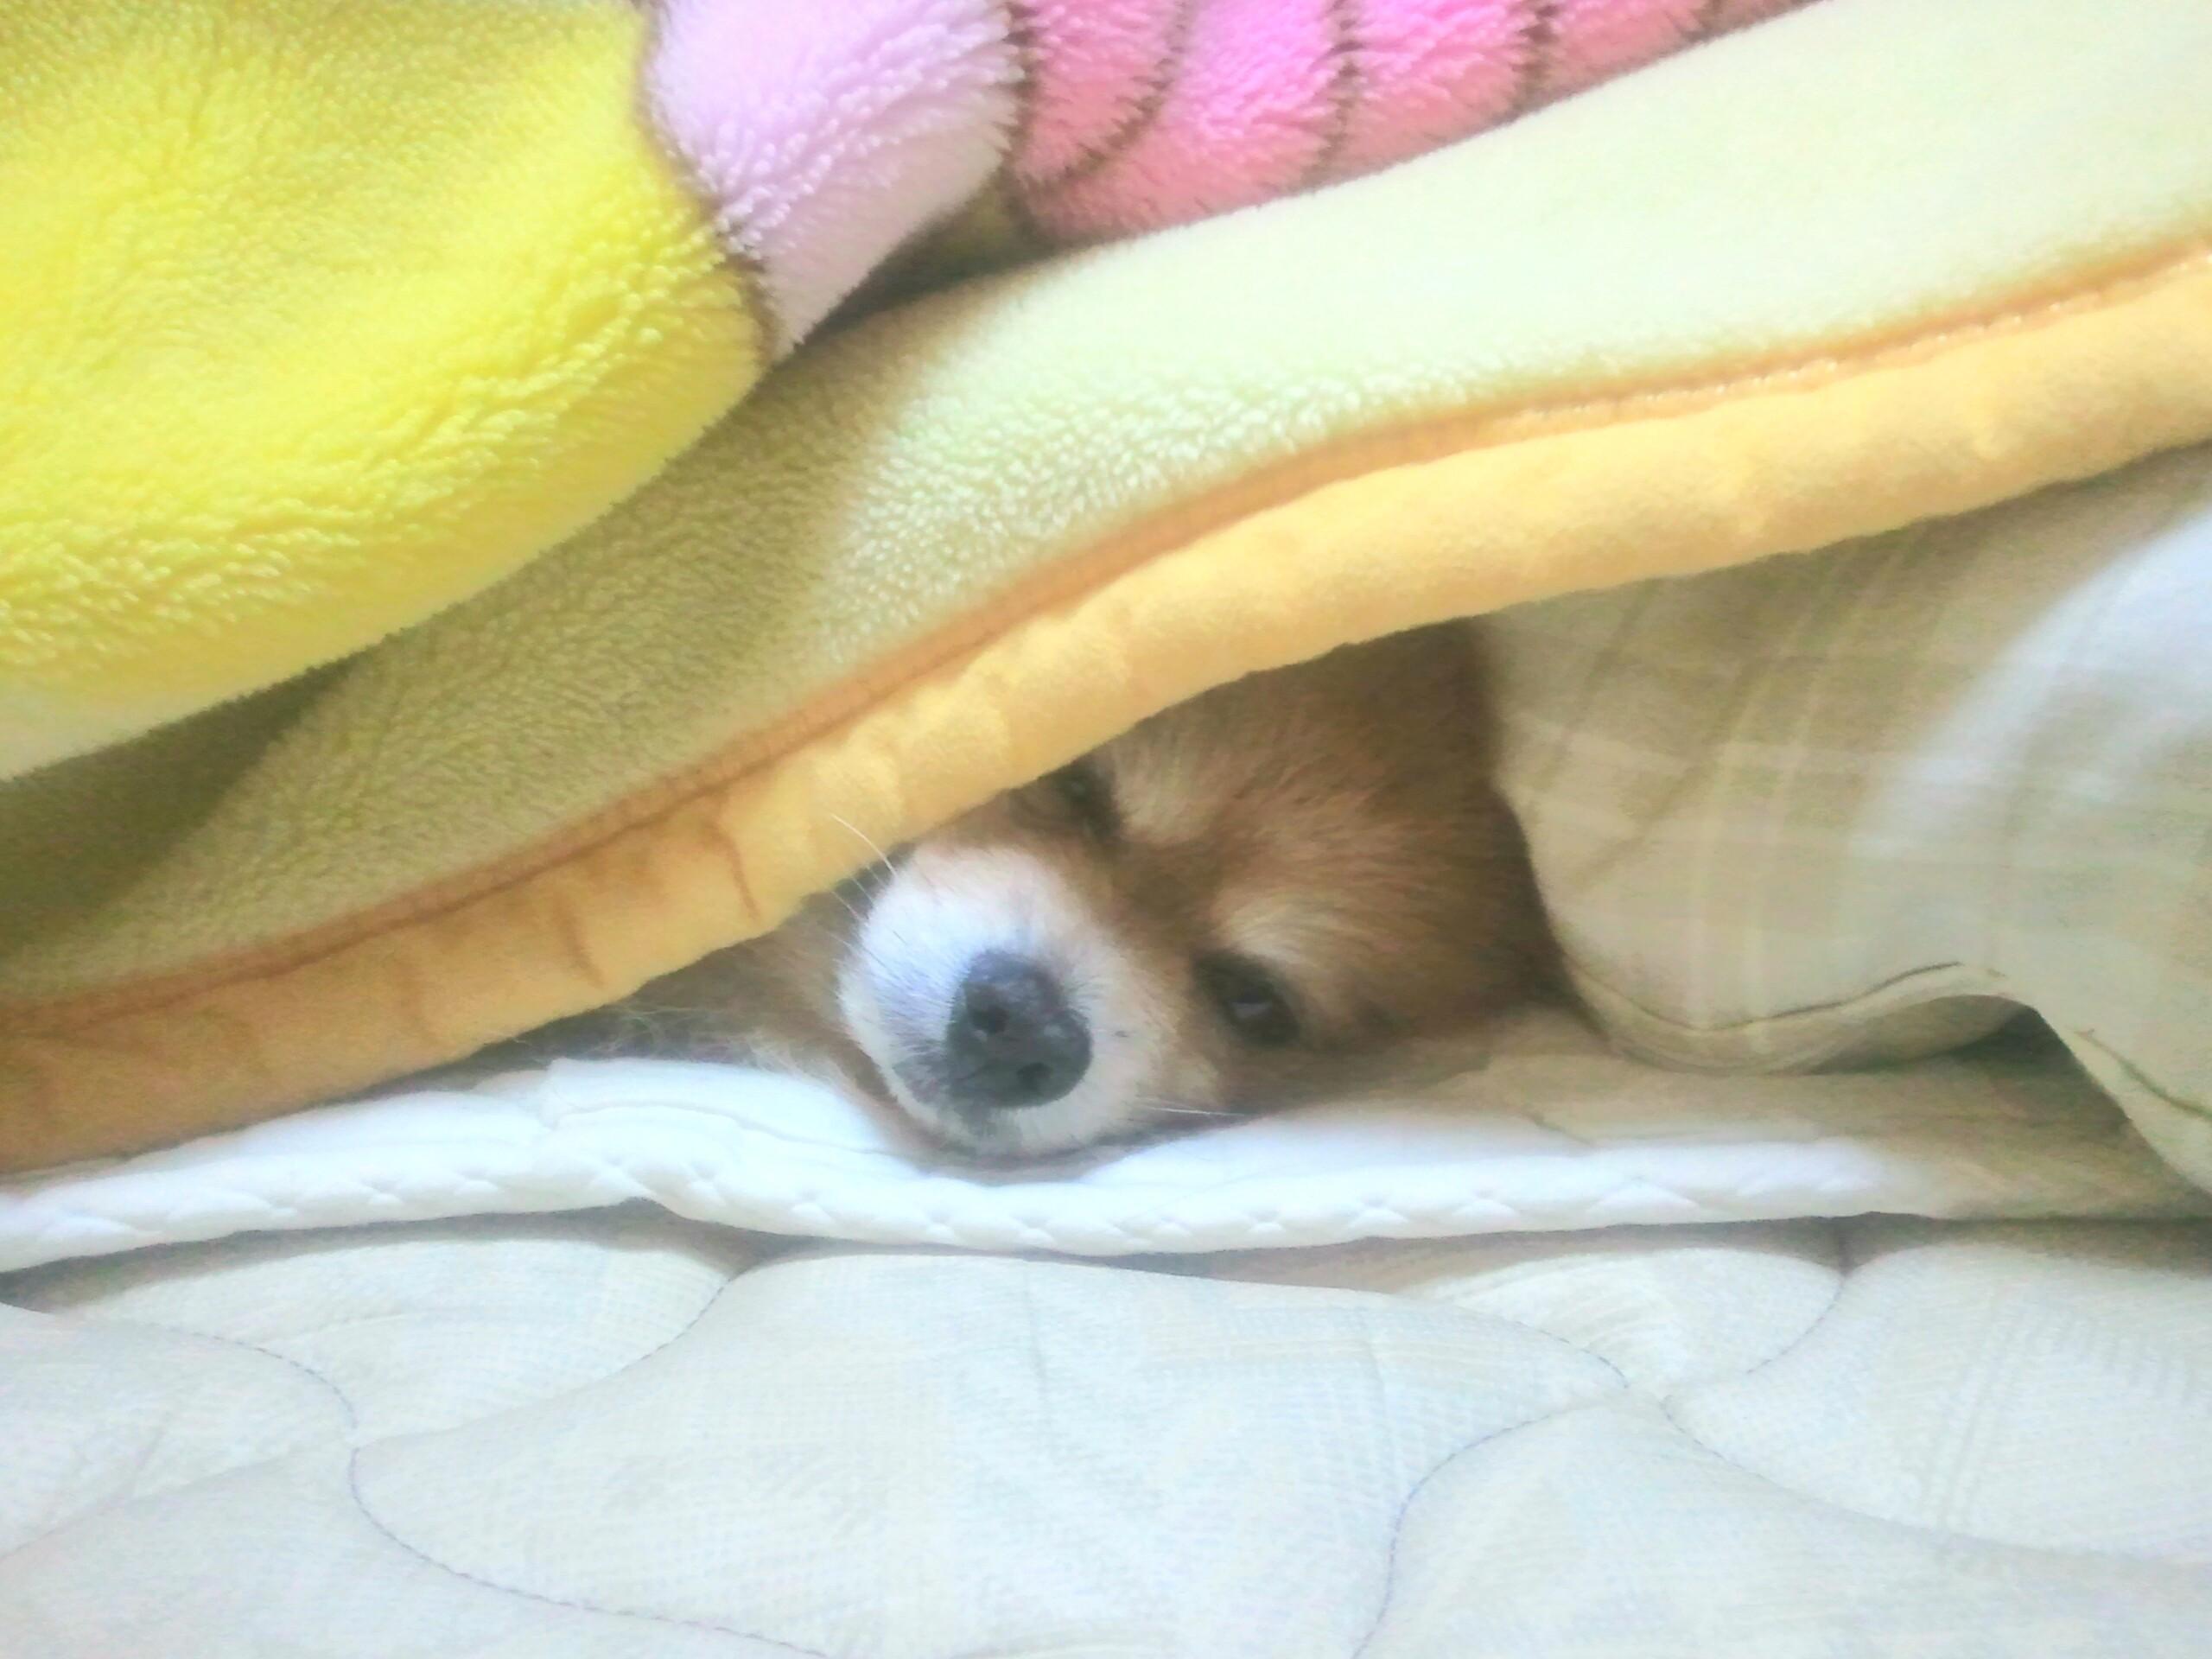 世界一かわいい犬大好きポメラニアン寝顔のぞき見てね気持ちいい